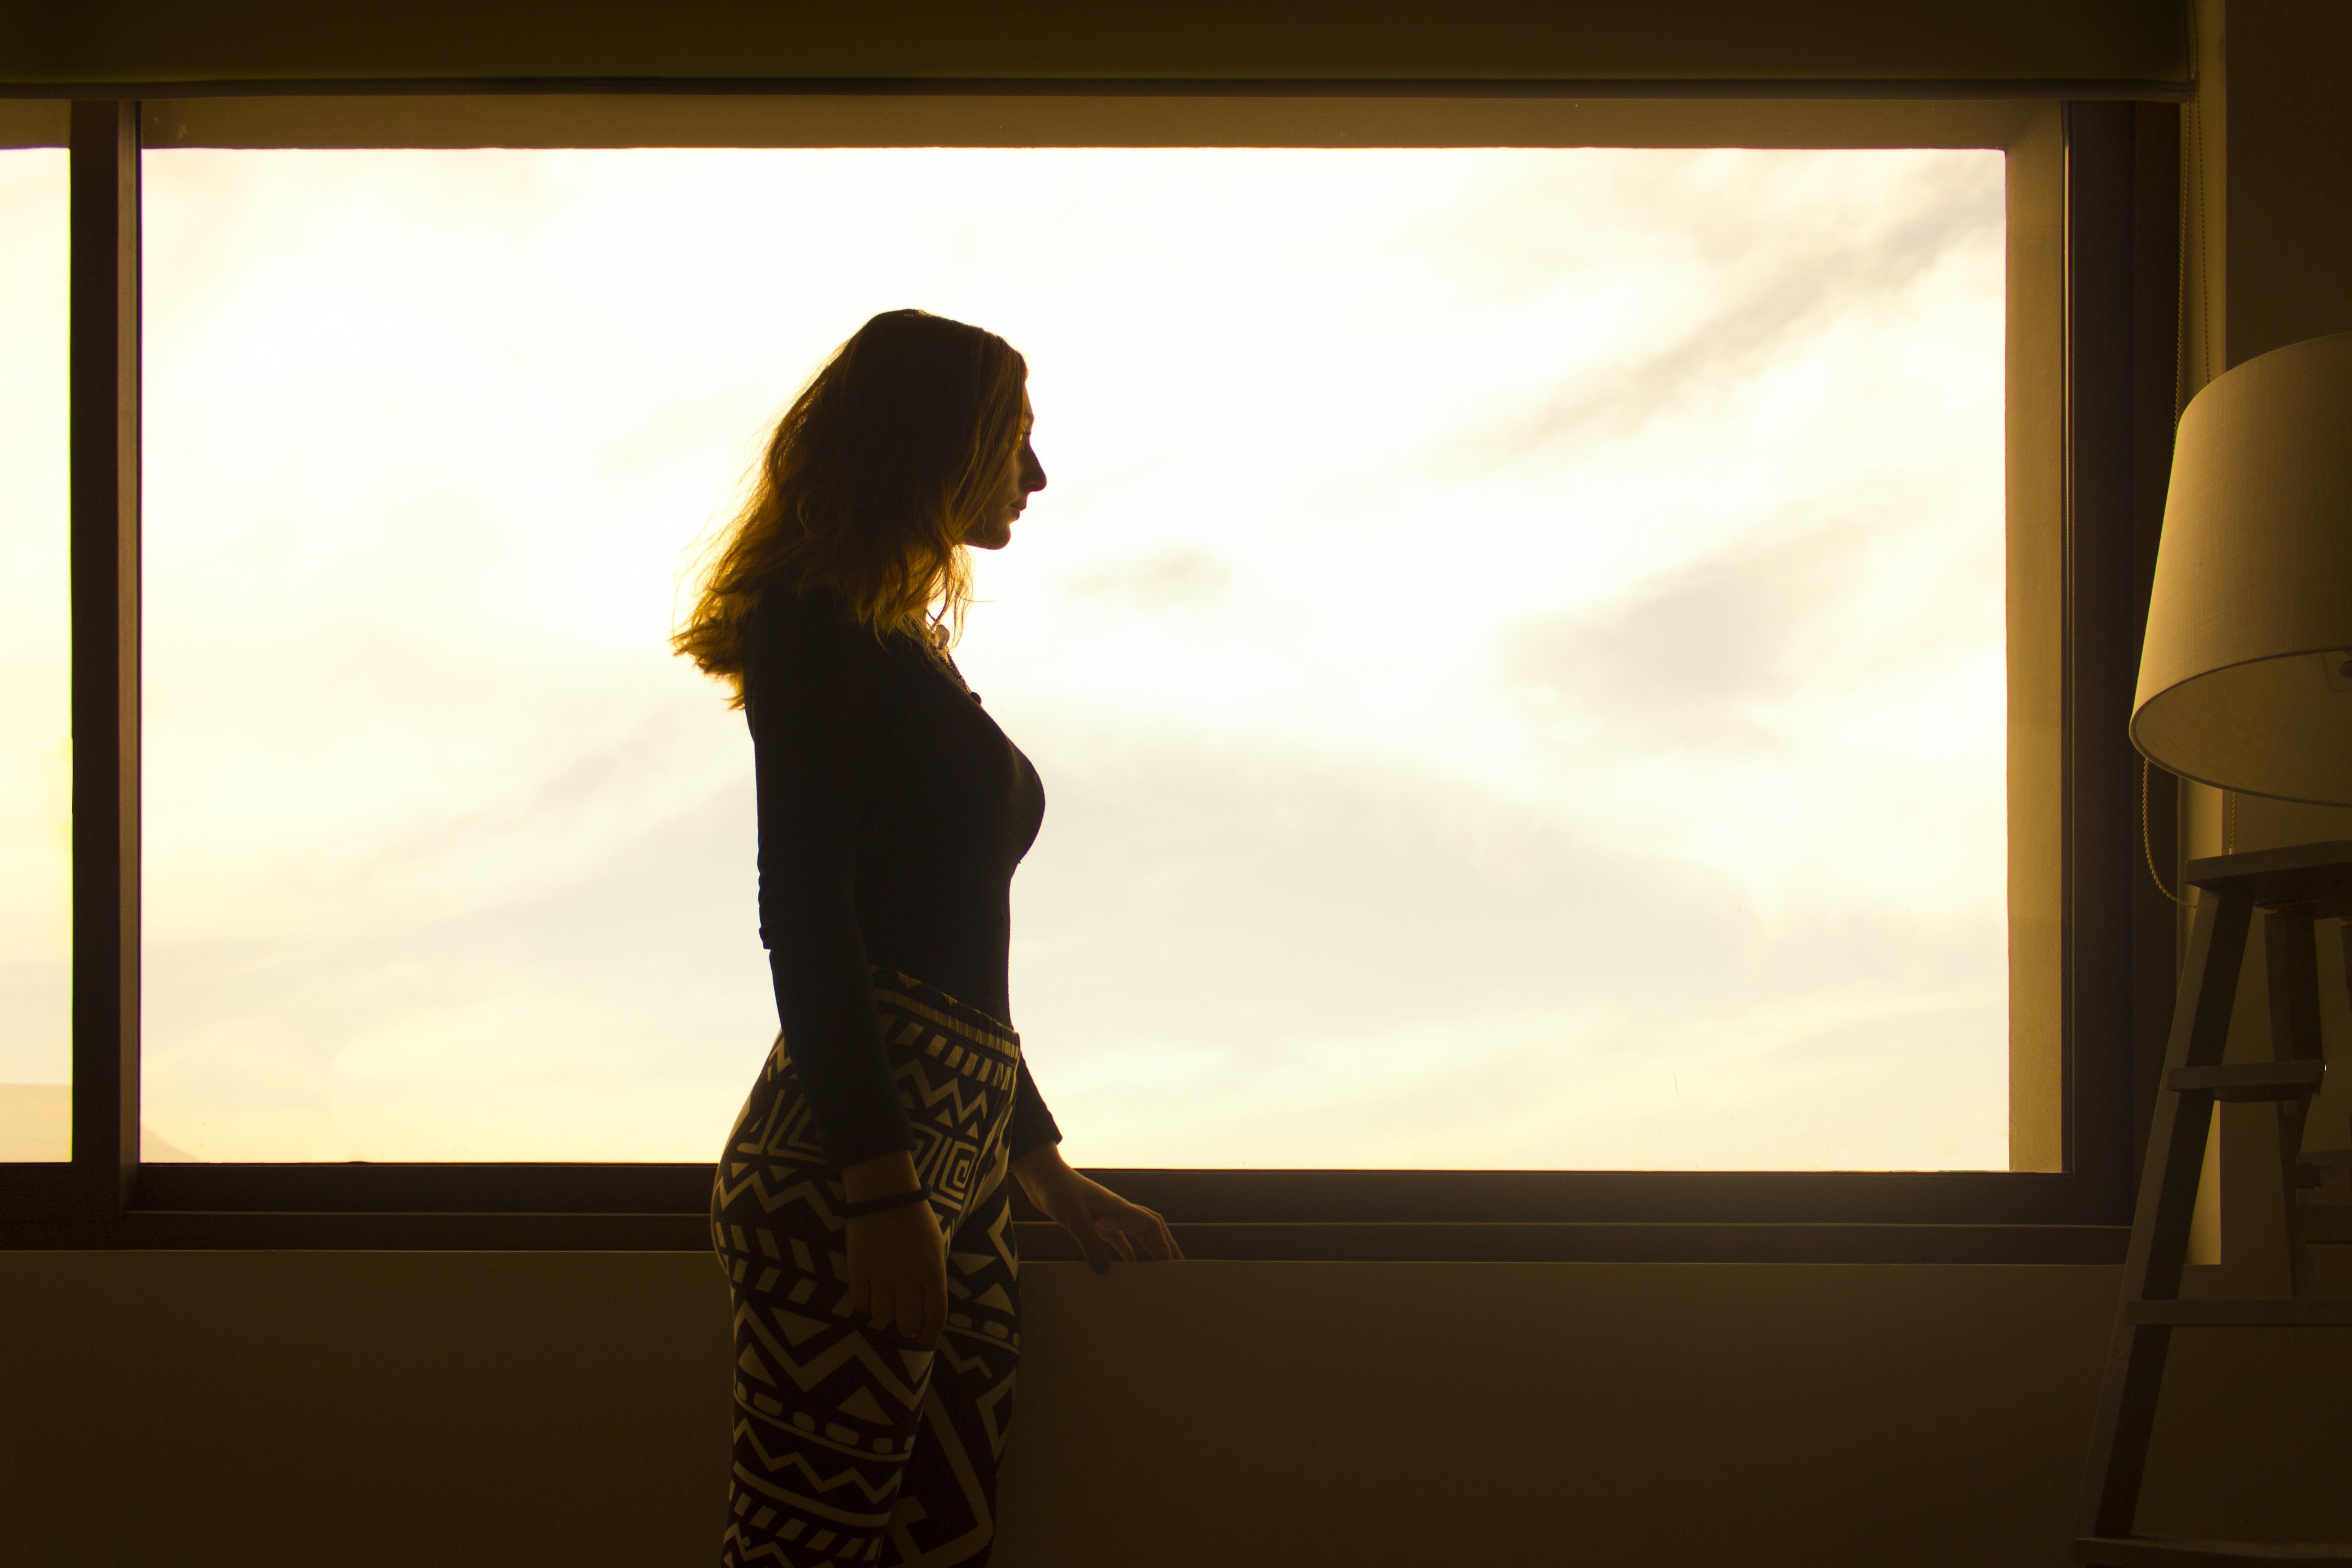 однако, есть как сфотографировать силуэт напротив окна райх